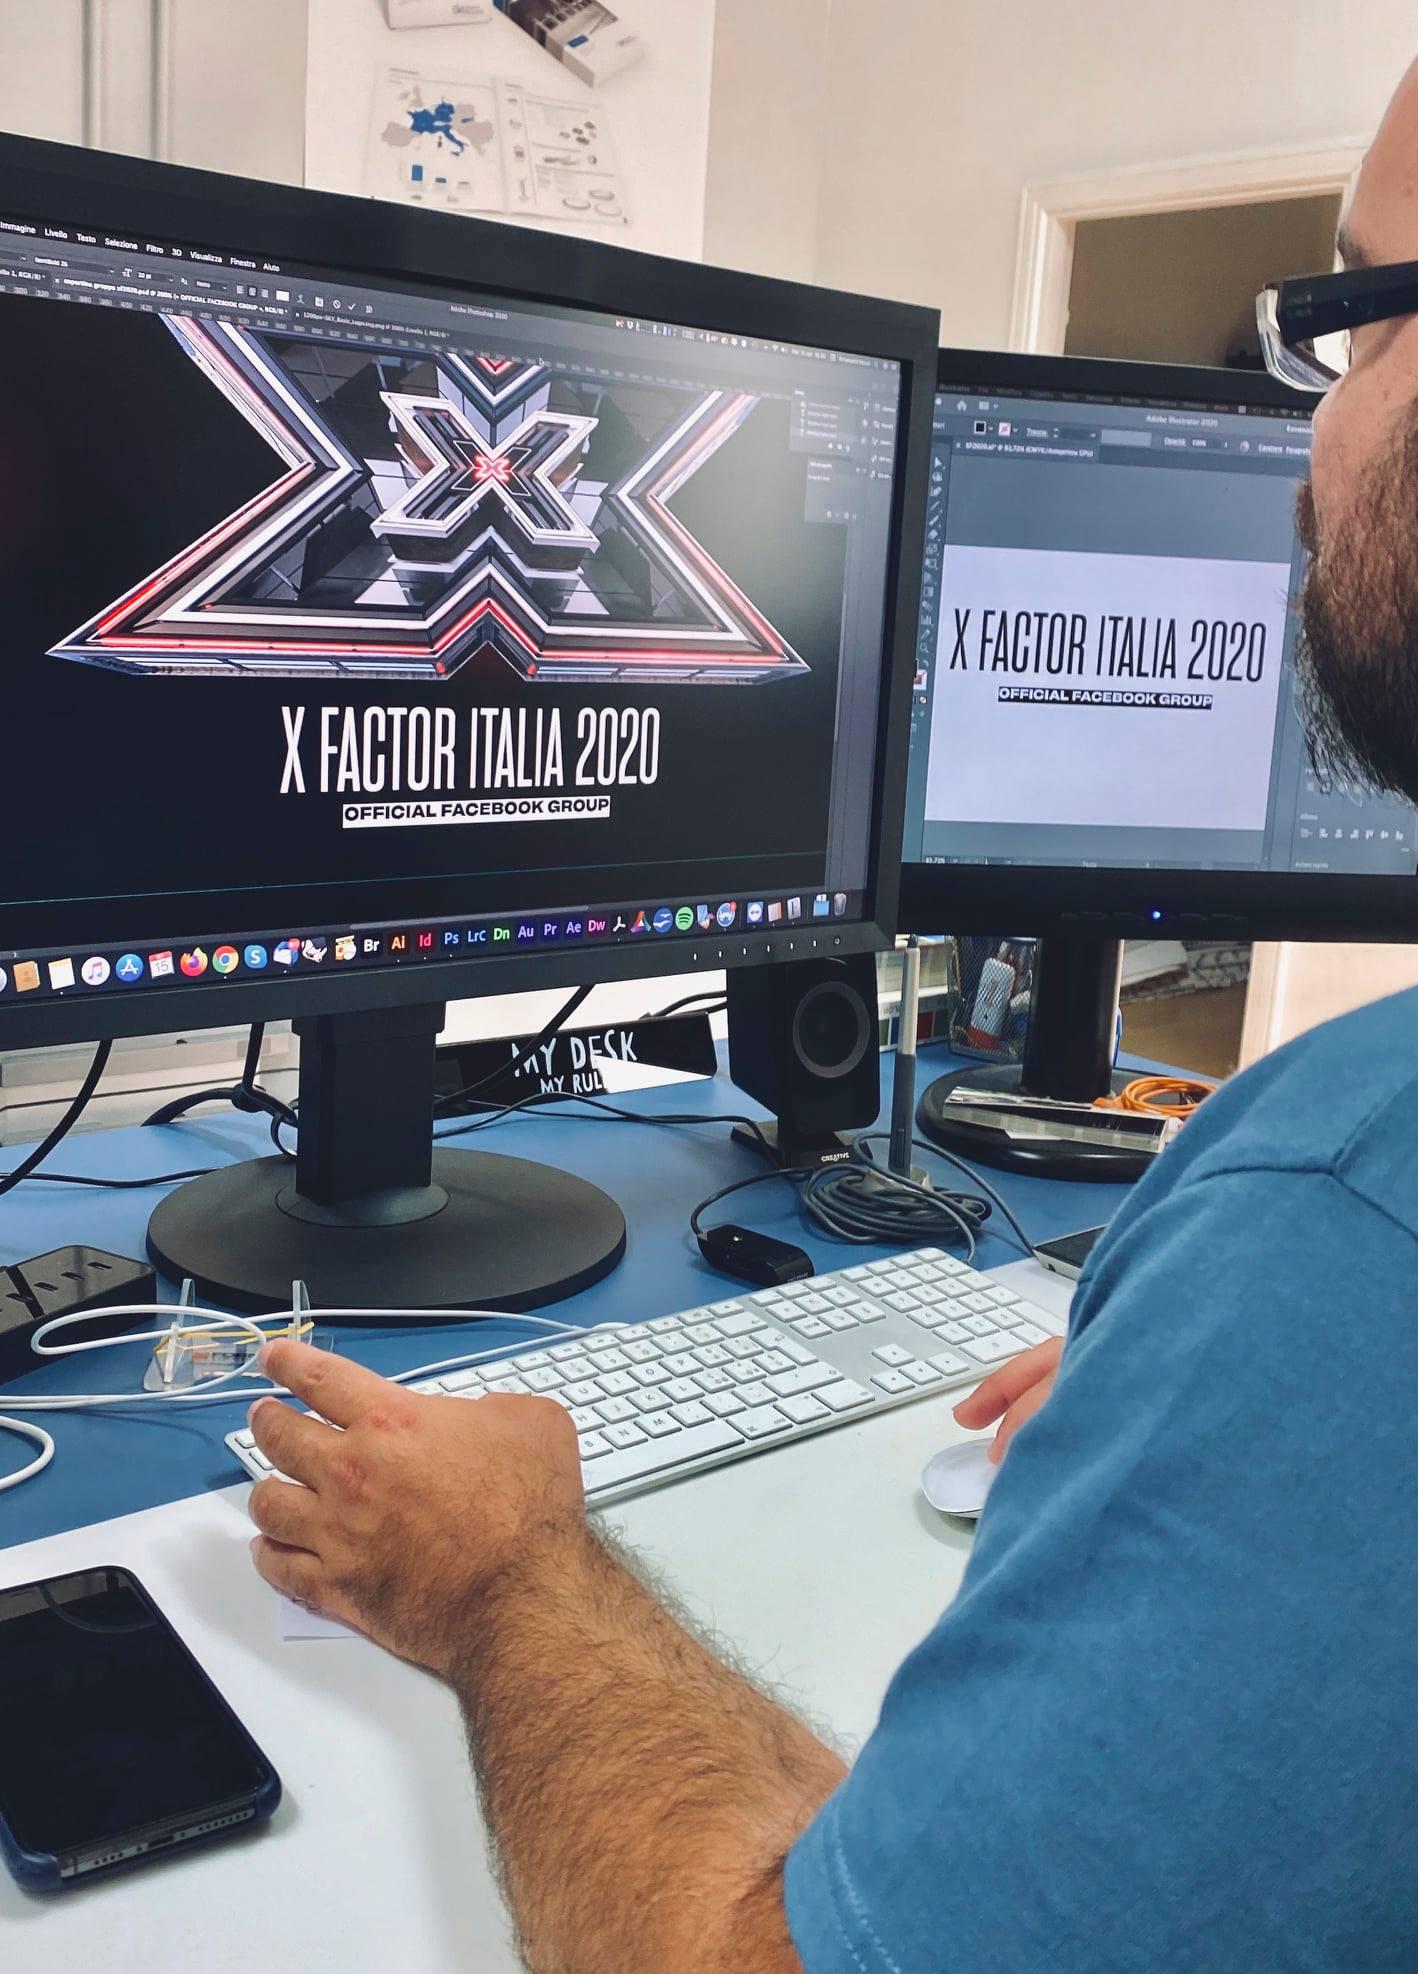 Emanuele Nonni - 300dpi STUDIO fondatore gruppo ufficiale X-Factor 2020 / #XF2020